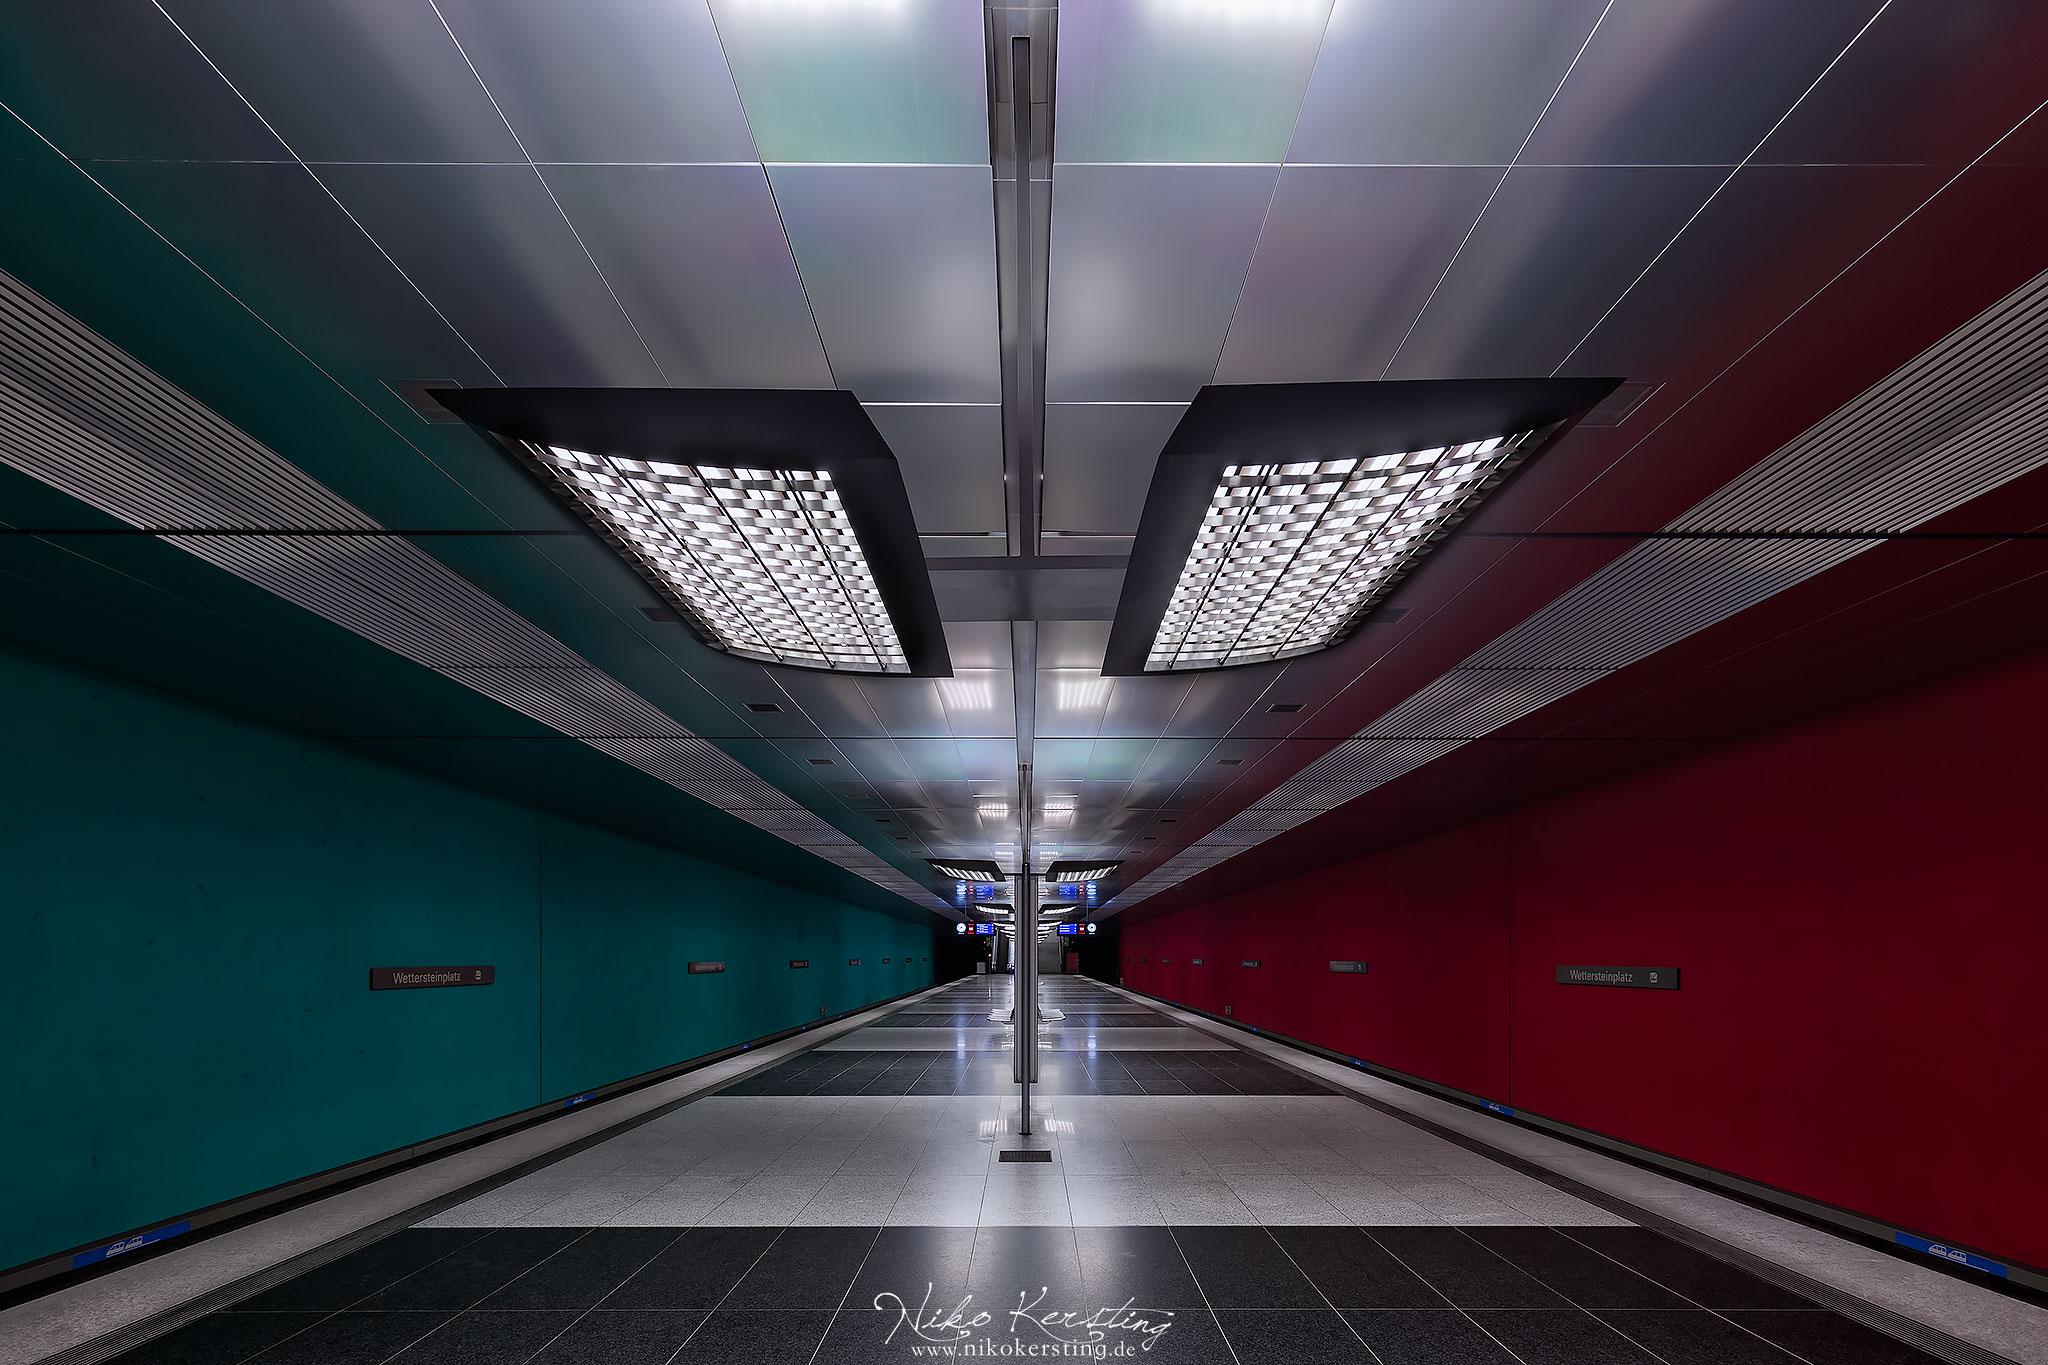 Wettersteinplatz (Underground Station), Germany